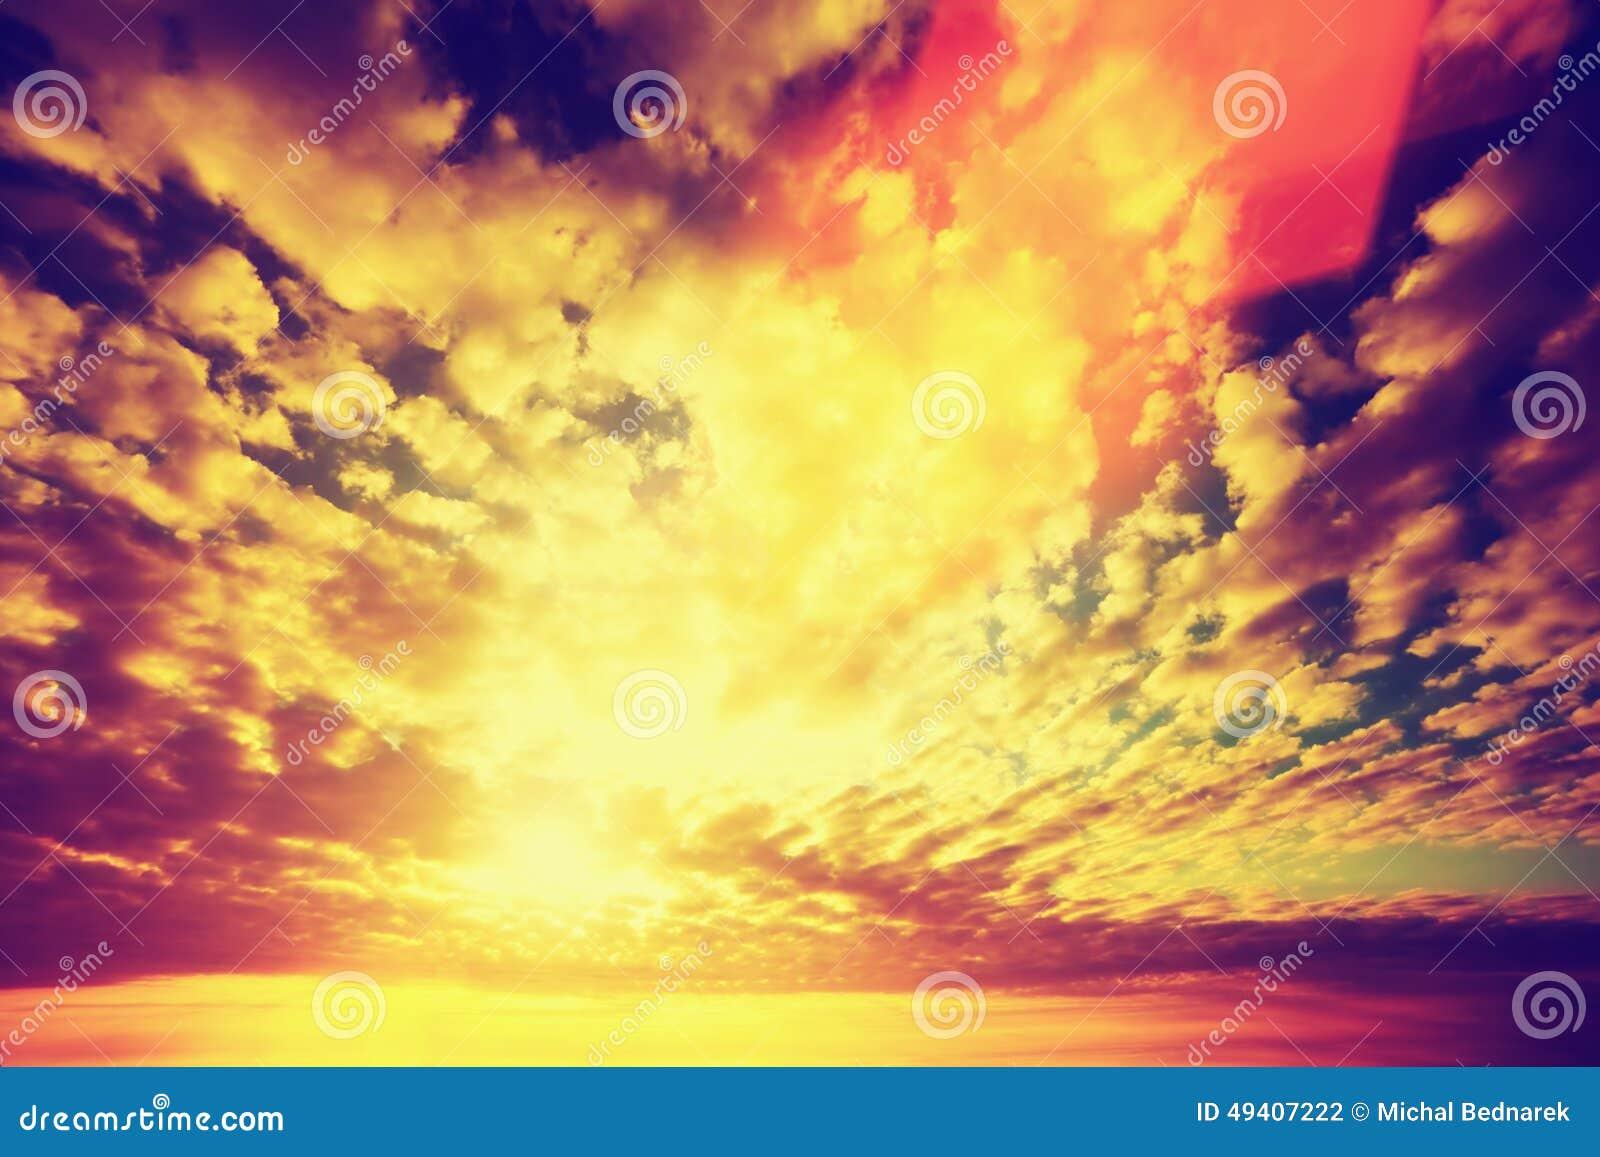 Download Sonnenunterganghimmel, Sonnen Das Glänzen Durch Wolken Weinlese Stockfoto - Bild von sonne, sonnenuntergang: 49407222